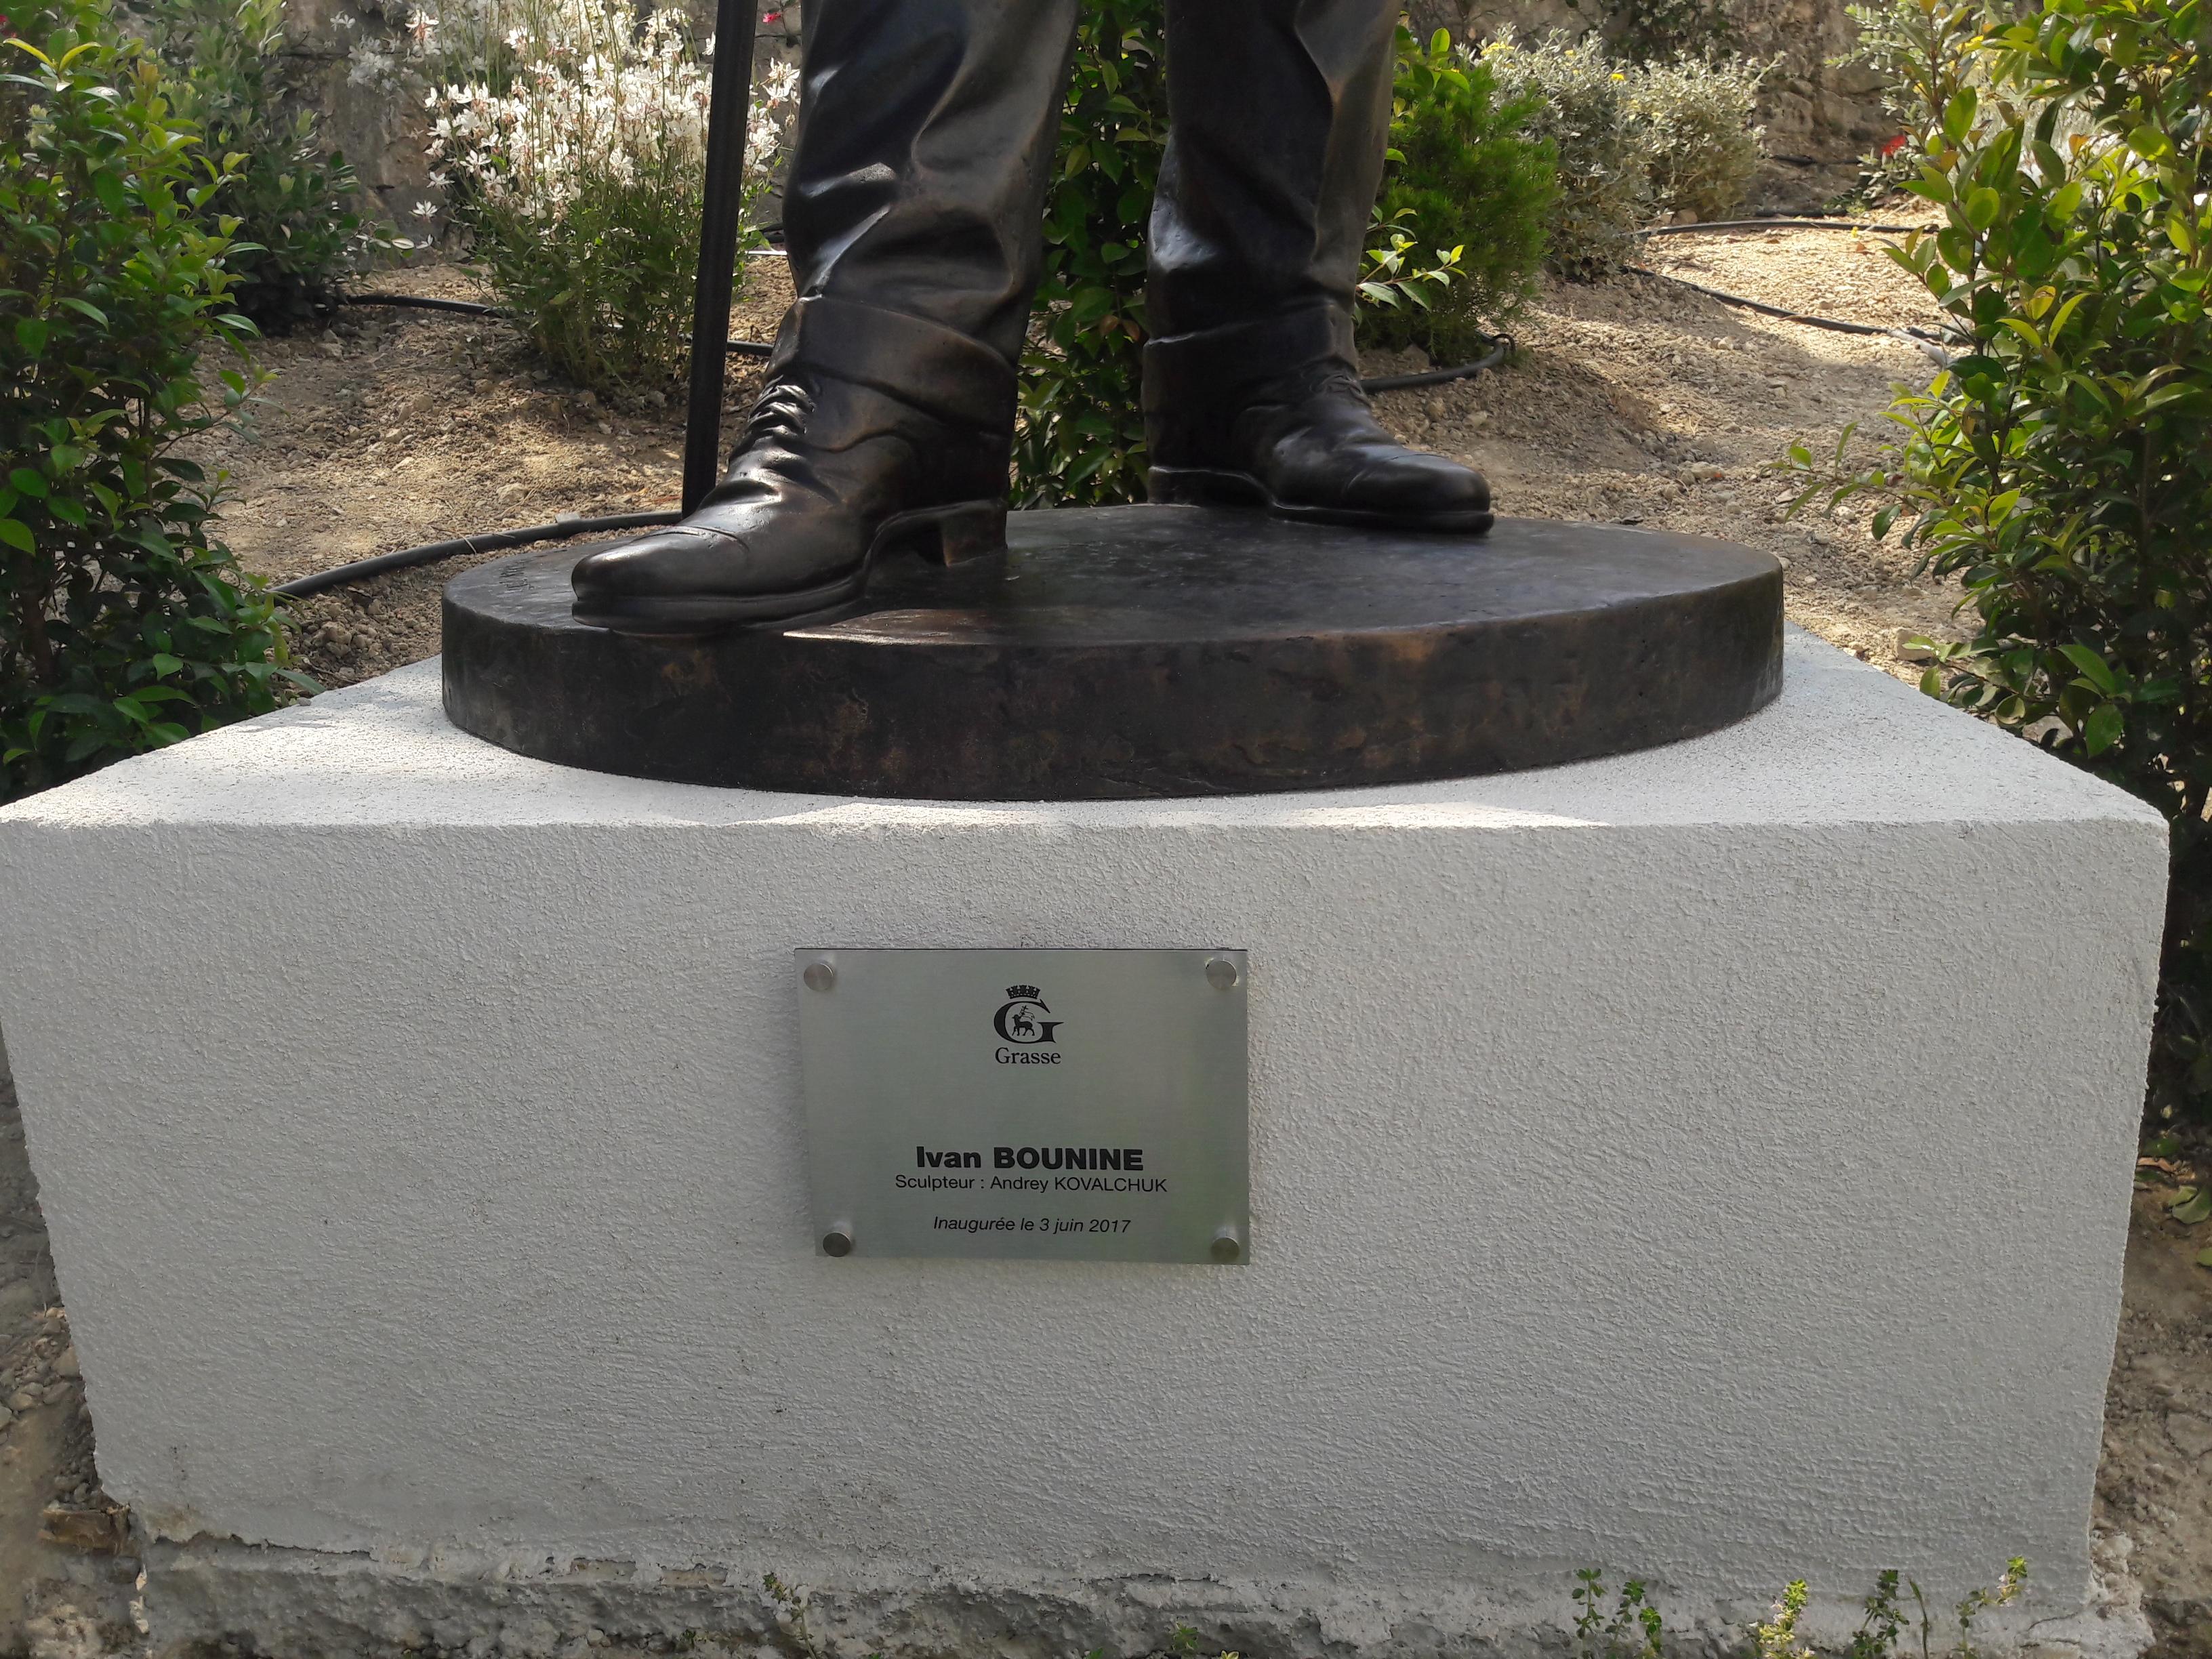 la statue d'Ivan Bounine